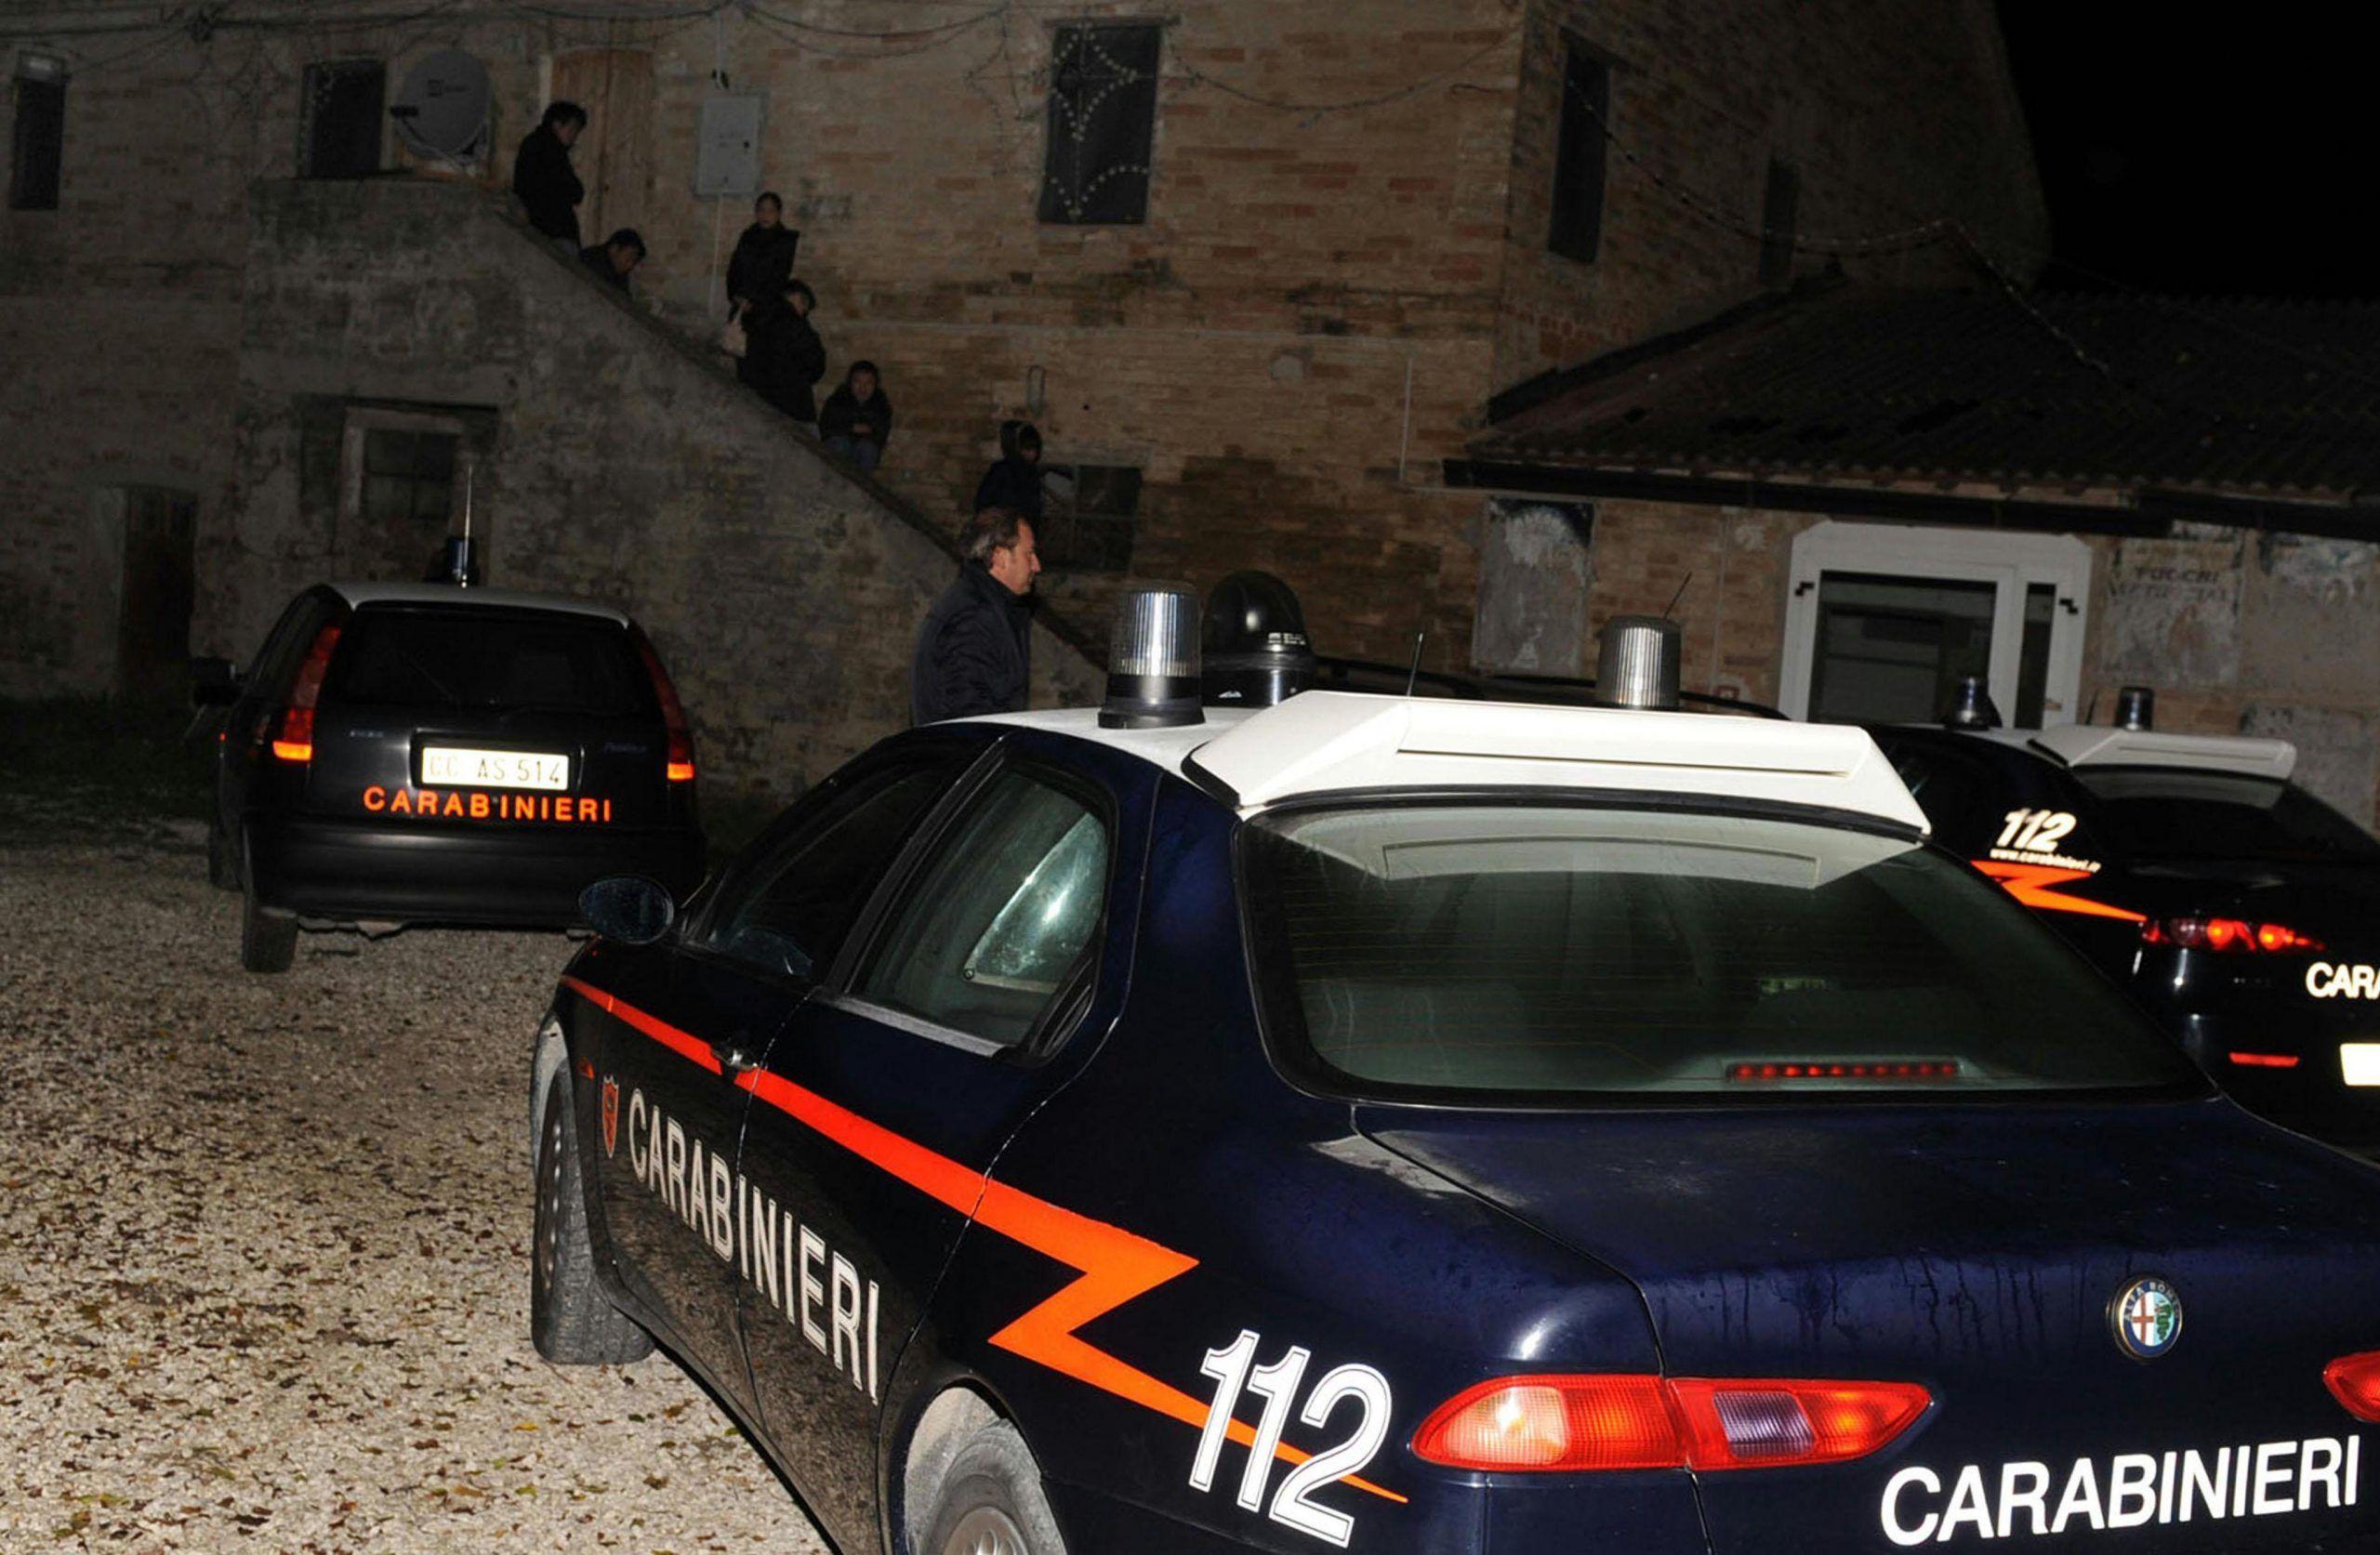 BIMBA CINESE MUORE FOLGORATA IN LABORATORIO CLANDESTINO